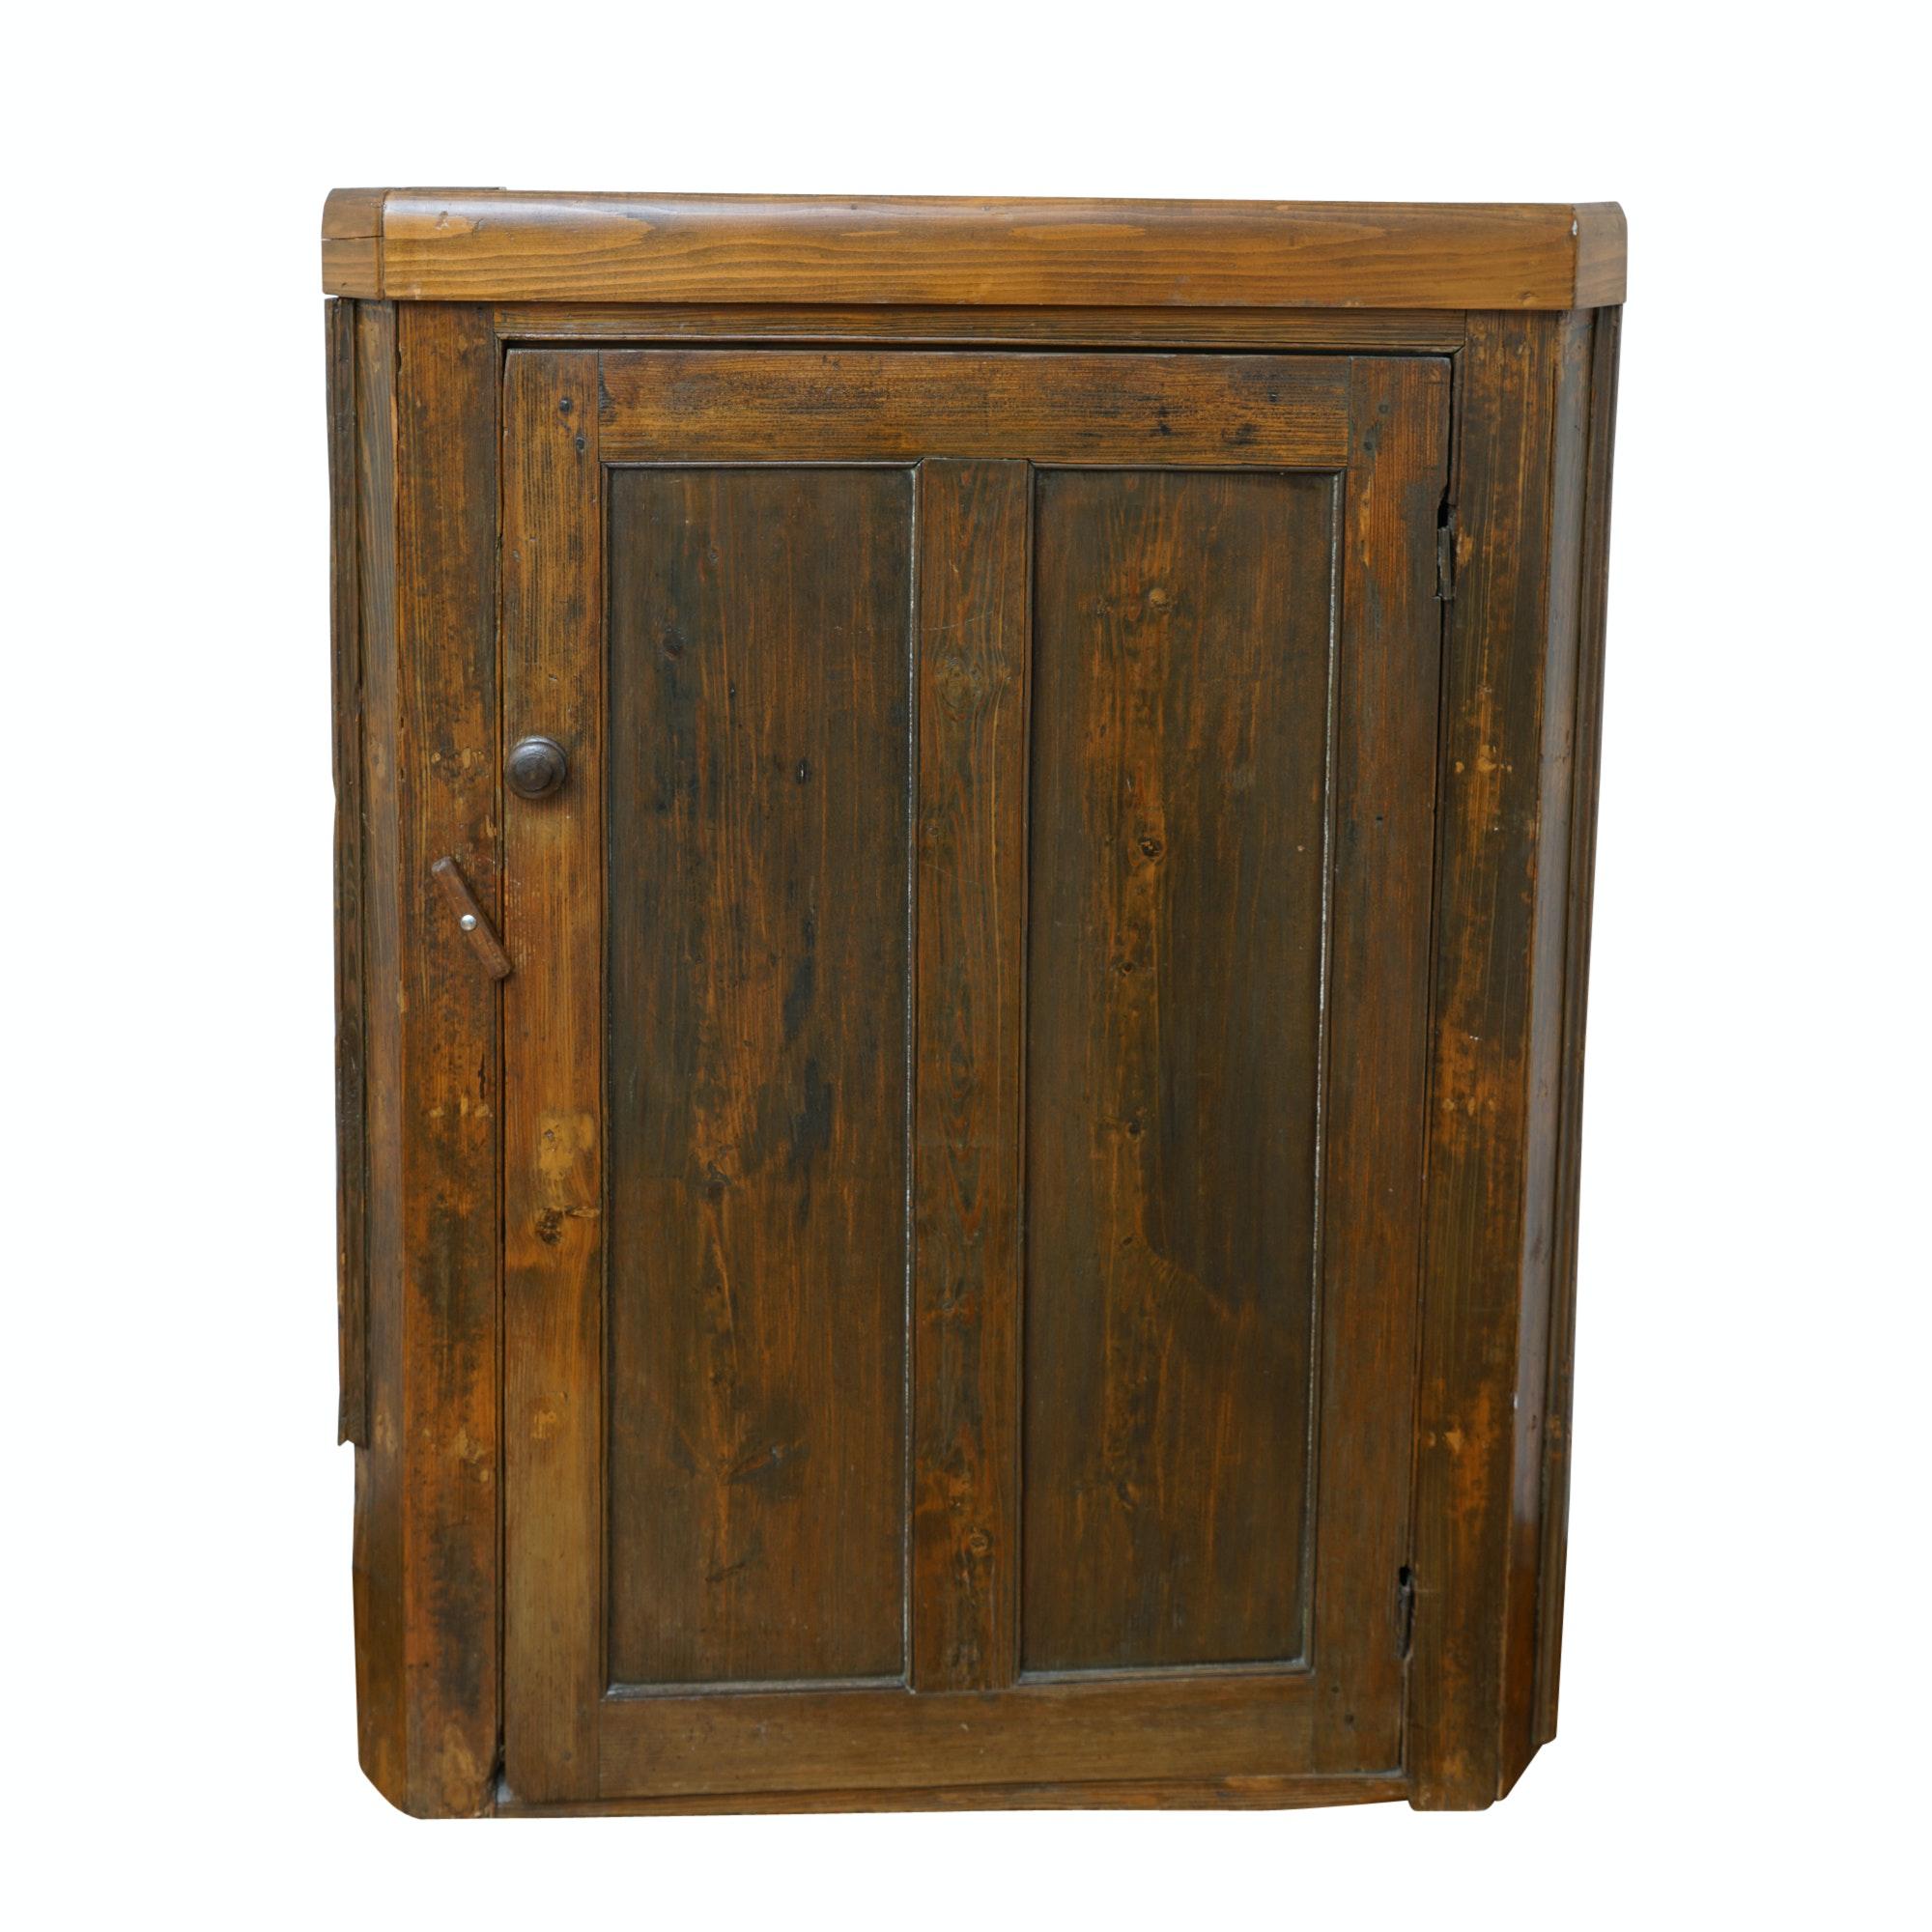 Antique Rustic Corner Cabinet